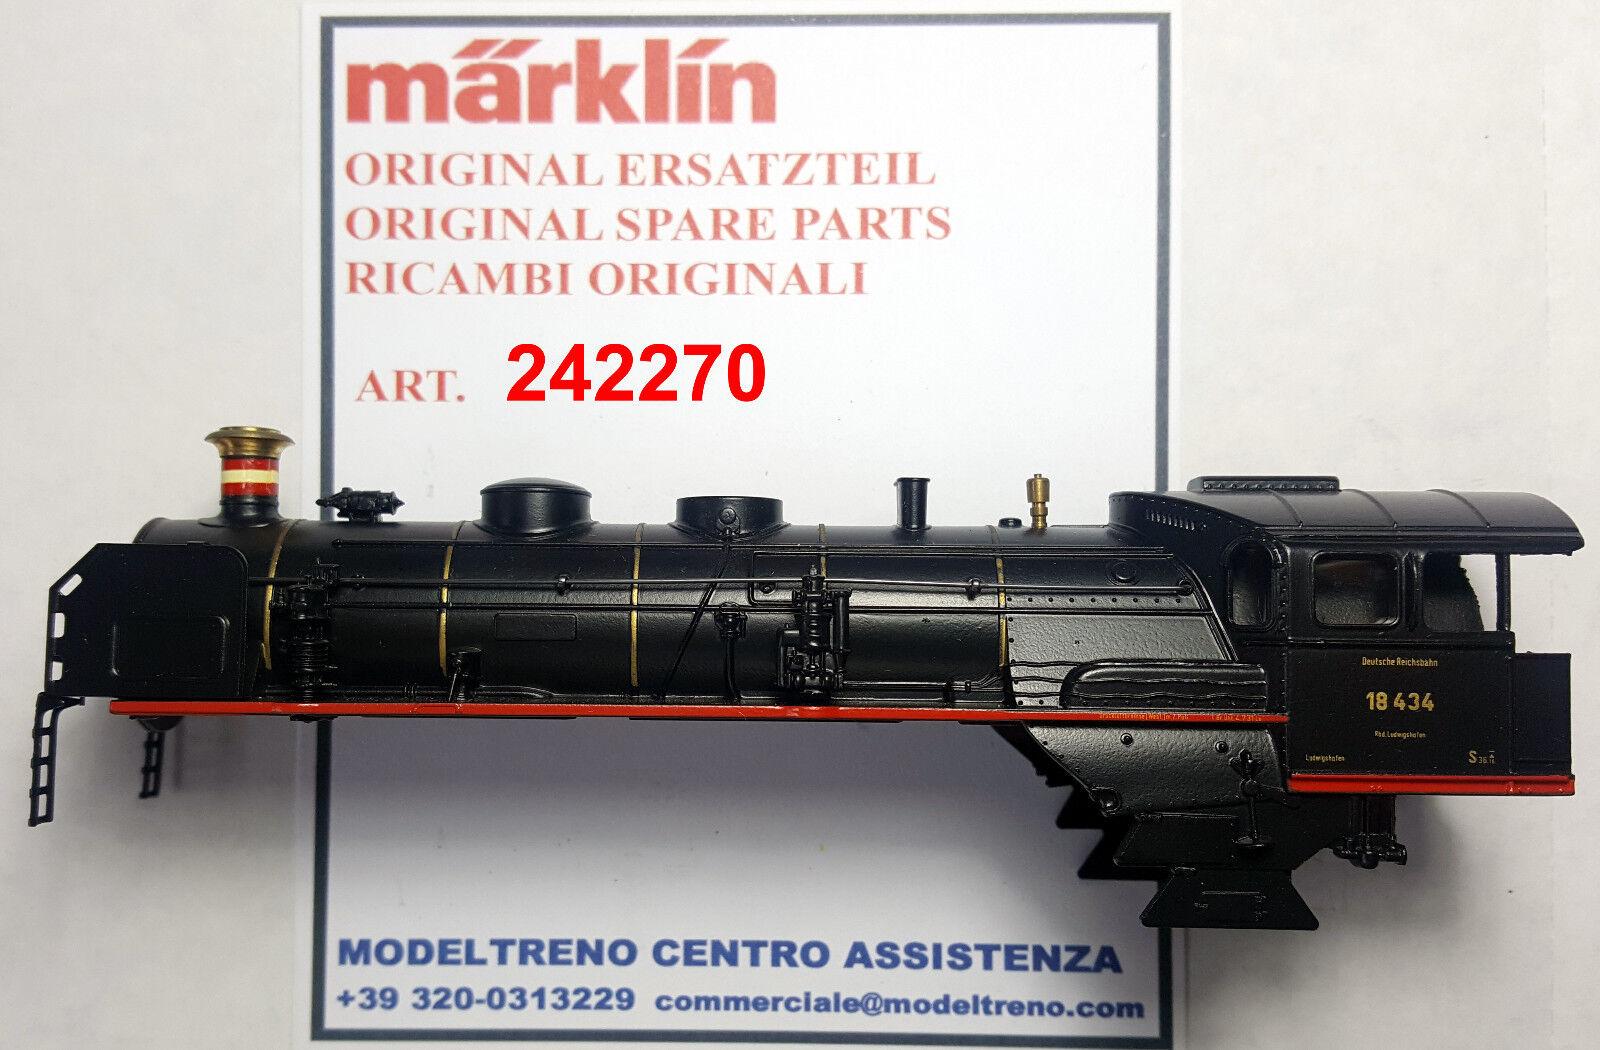 MARKLIN 24227  242270    uomoTELLO LOCO  LOKAUFBAU 3318